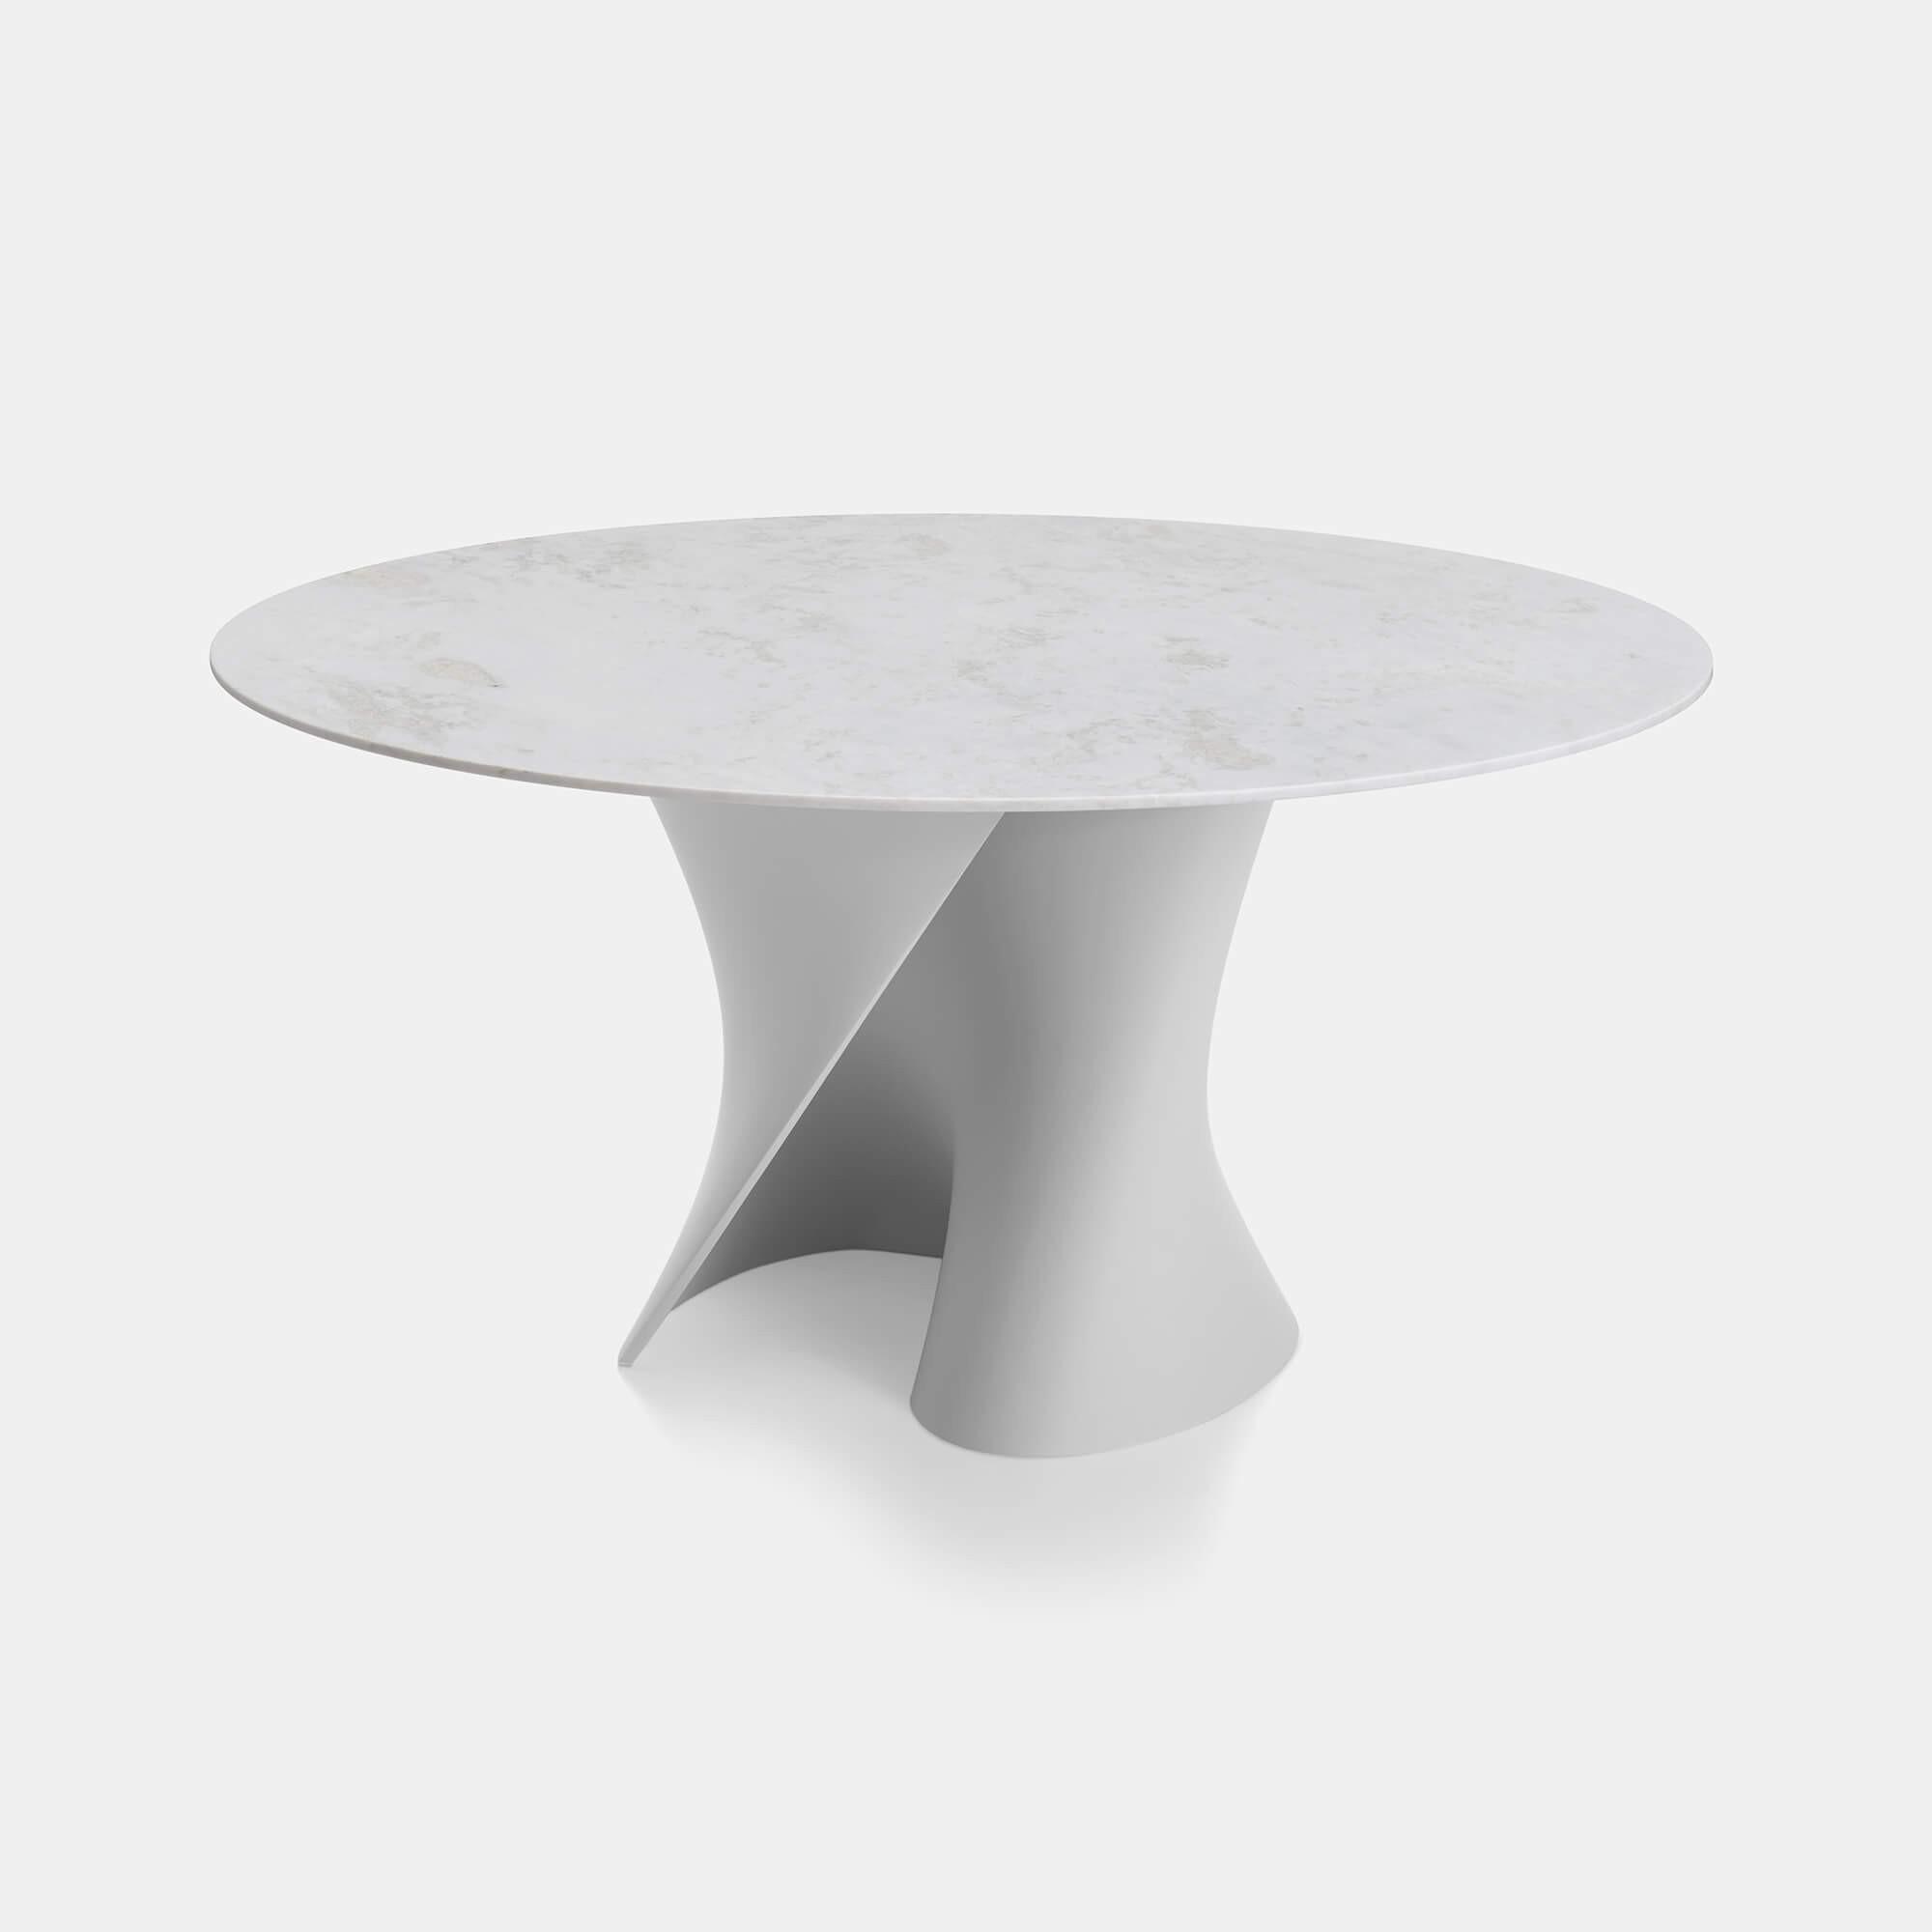 Tavolo rotondo design, tavolo ovale moderno. S table con piani in marmo.